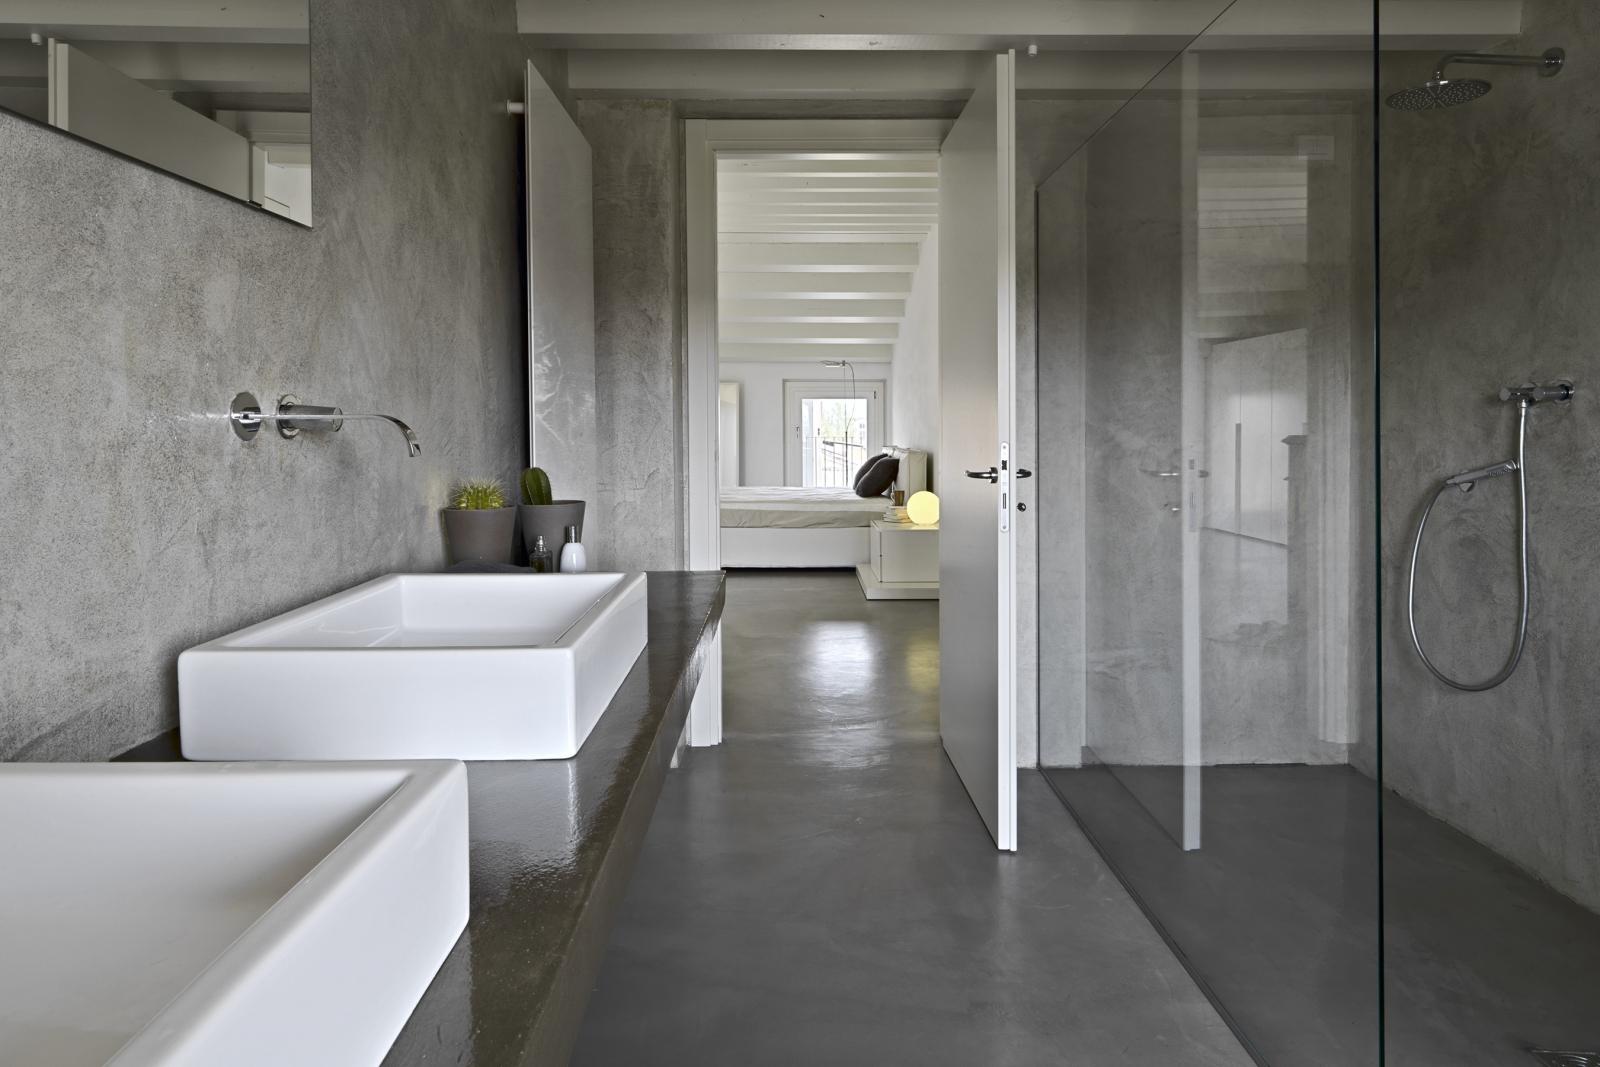 Een gietvloer in de badkamer inspiratie en informatie - Glazen kamer bad ...